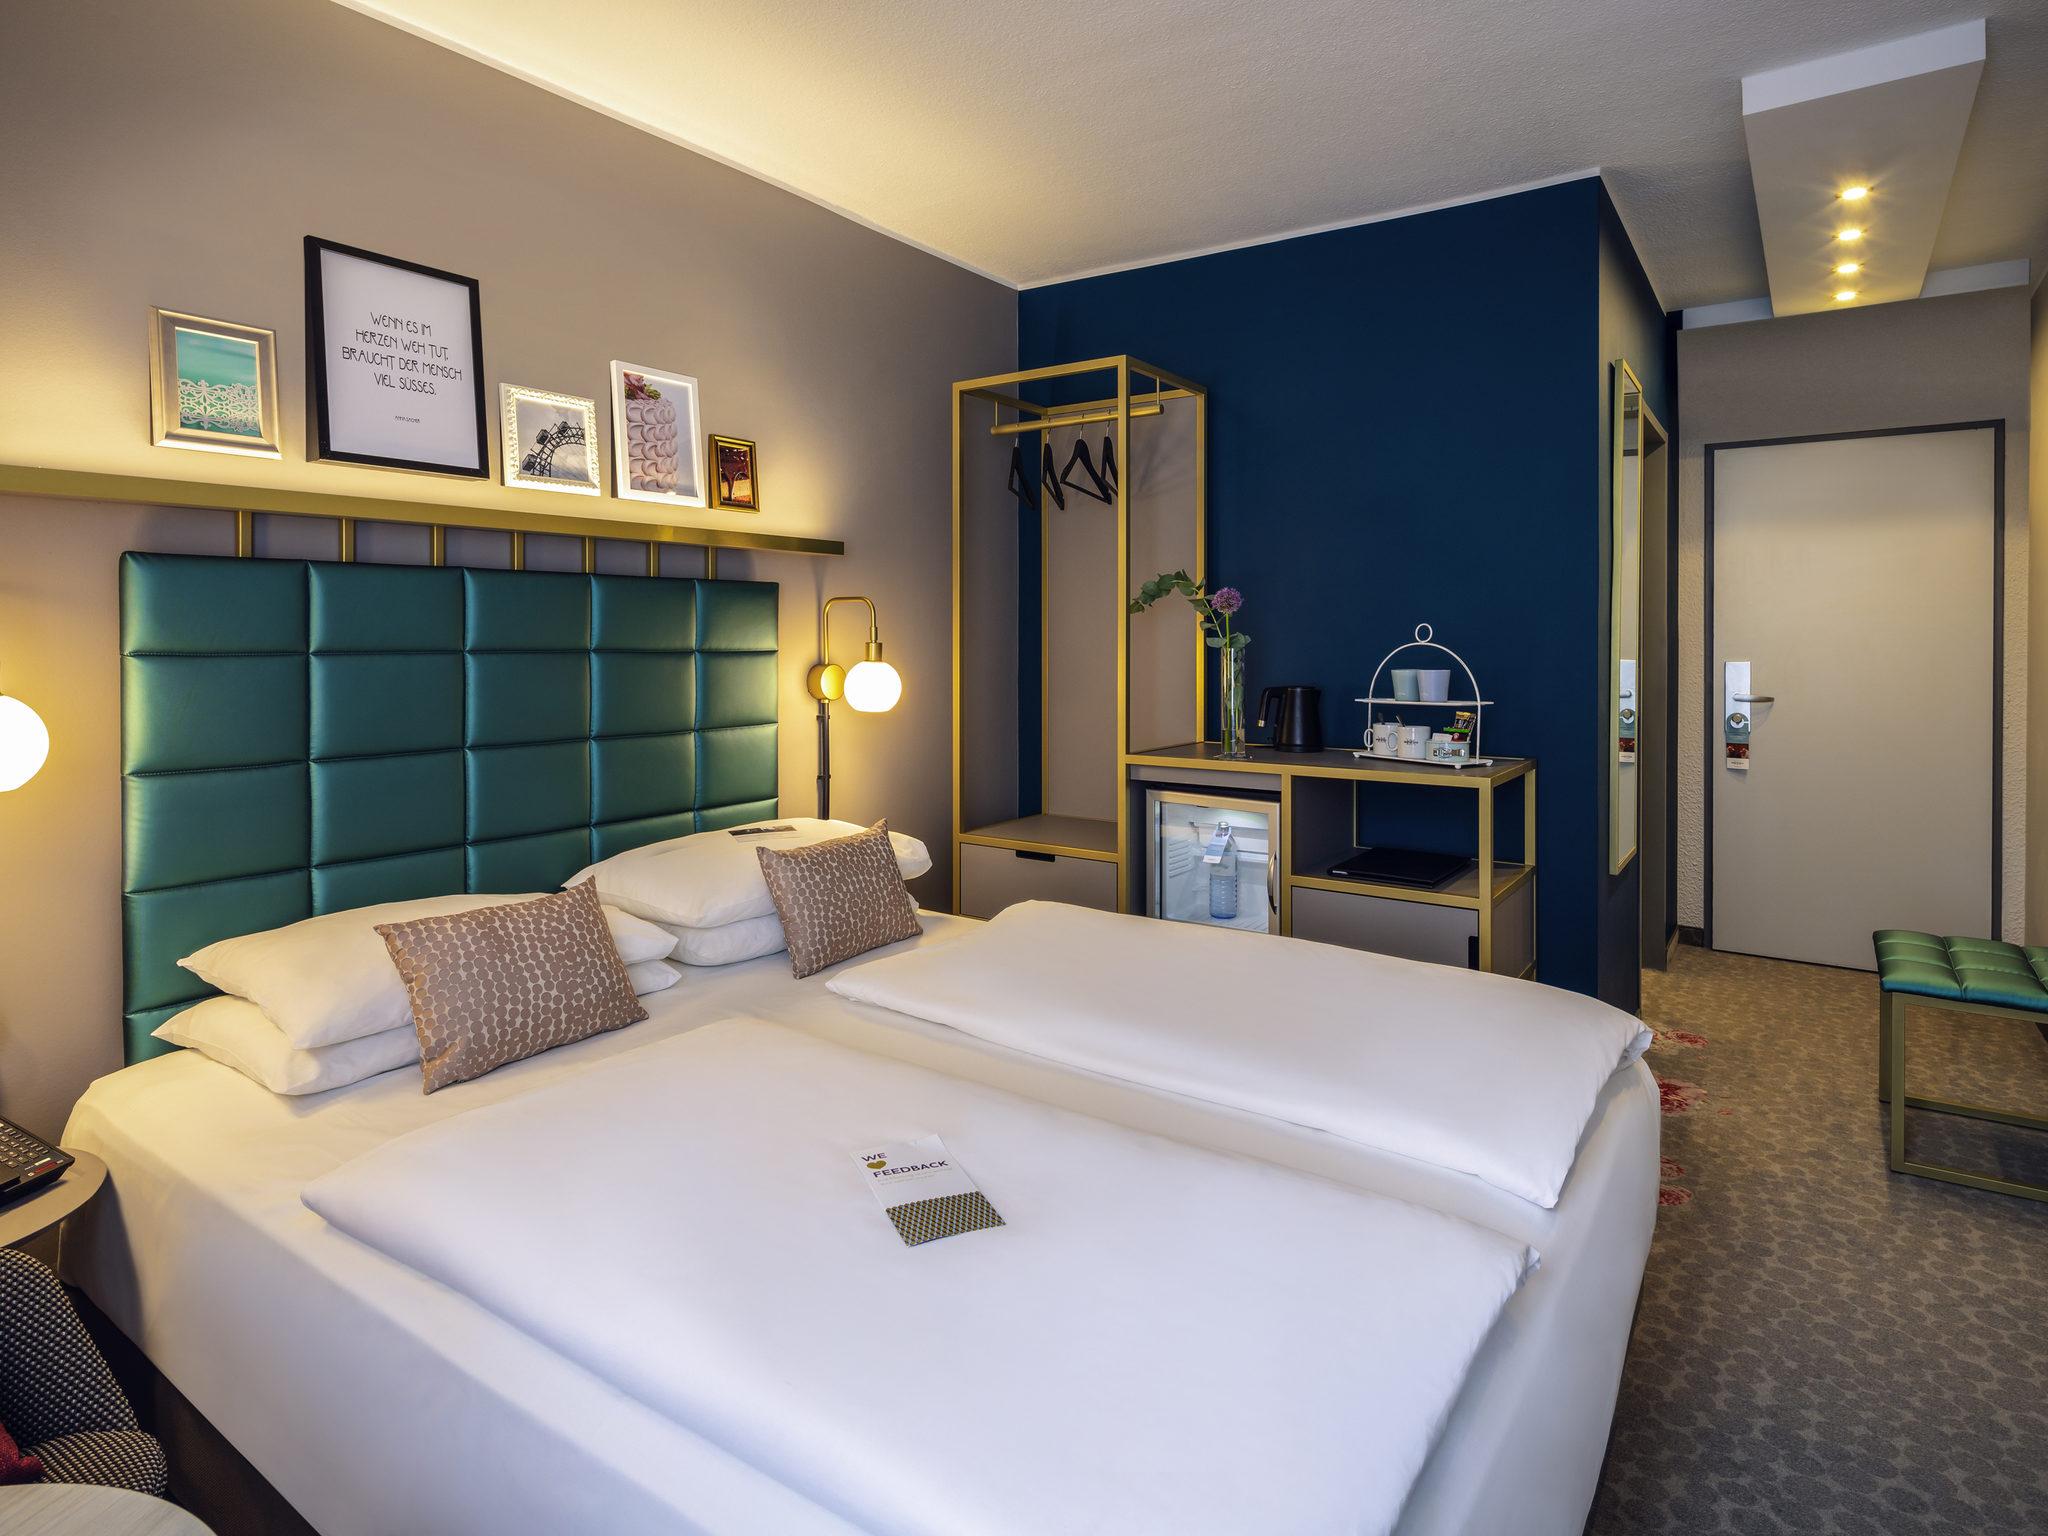 ホテル – ホテルメルキュールウィーンツェントゥルム